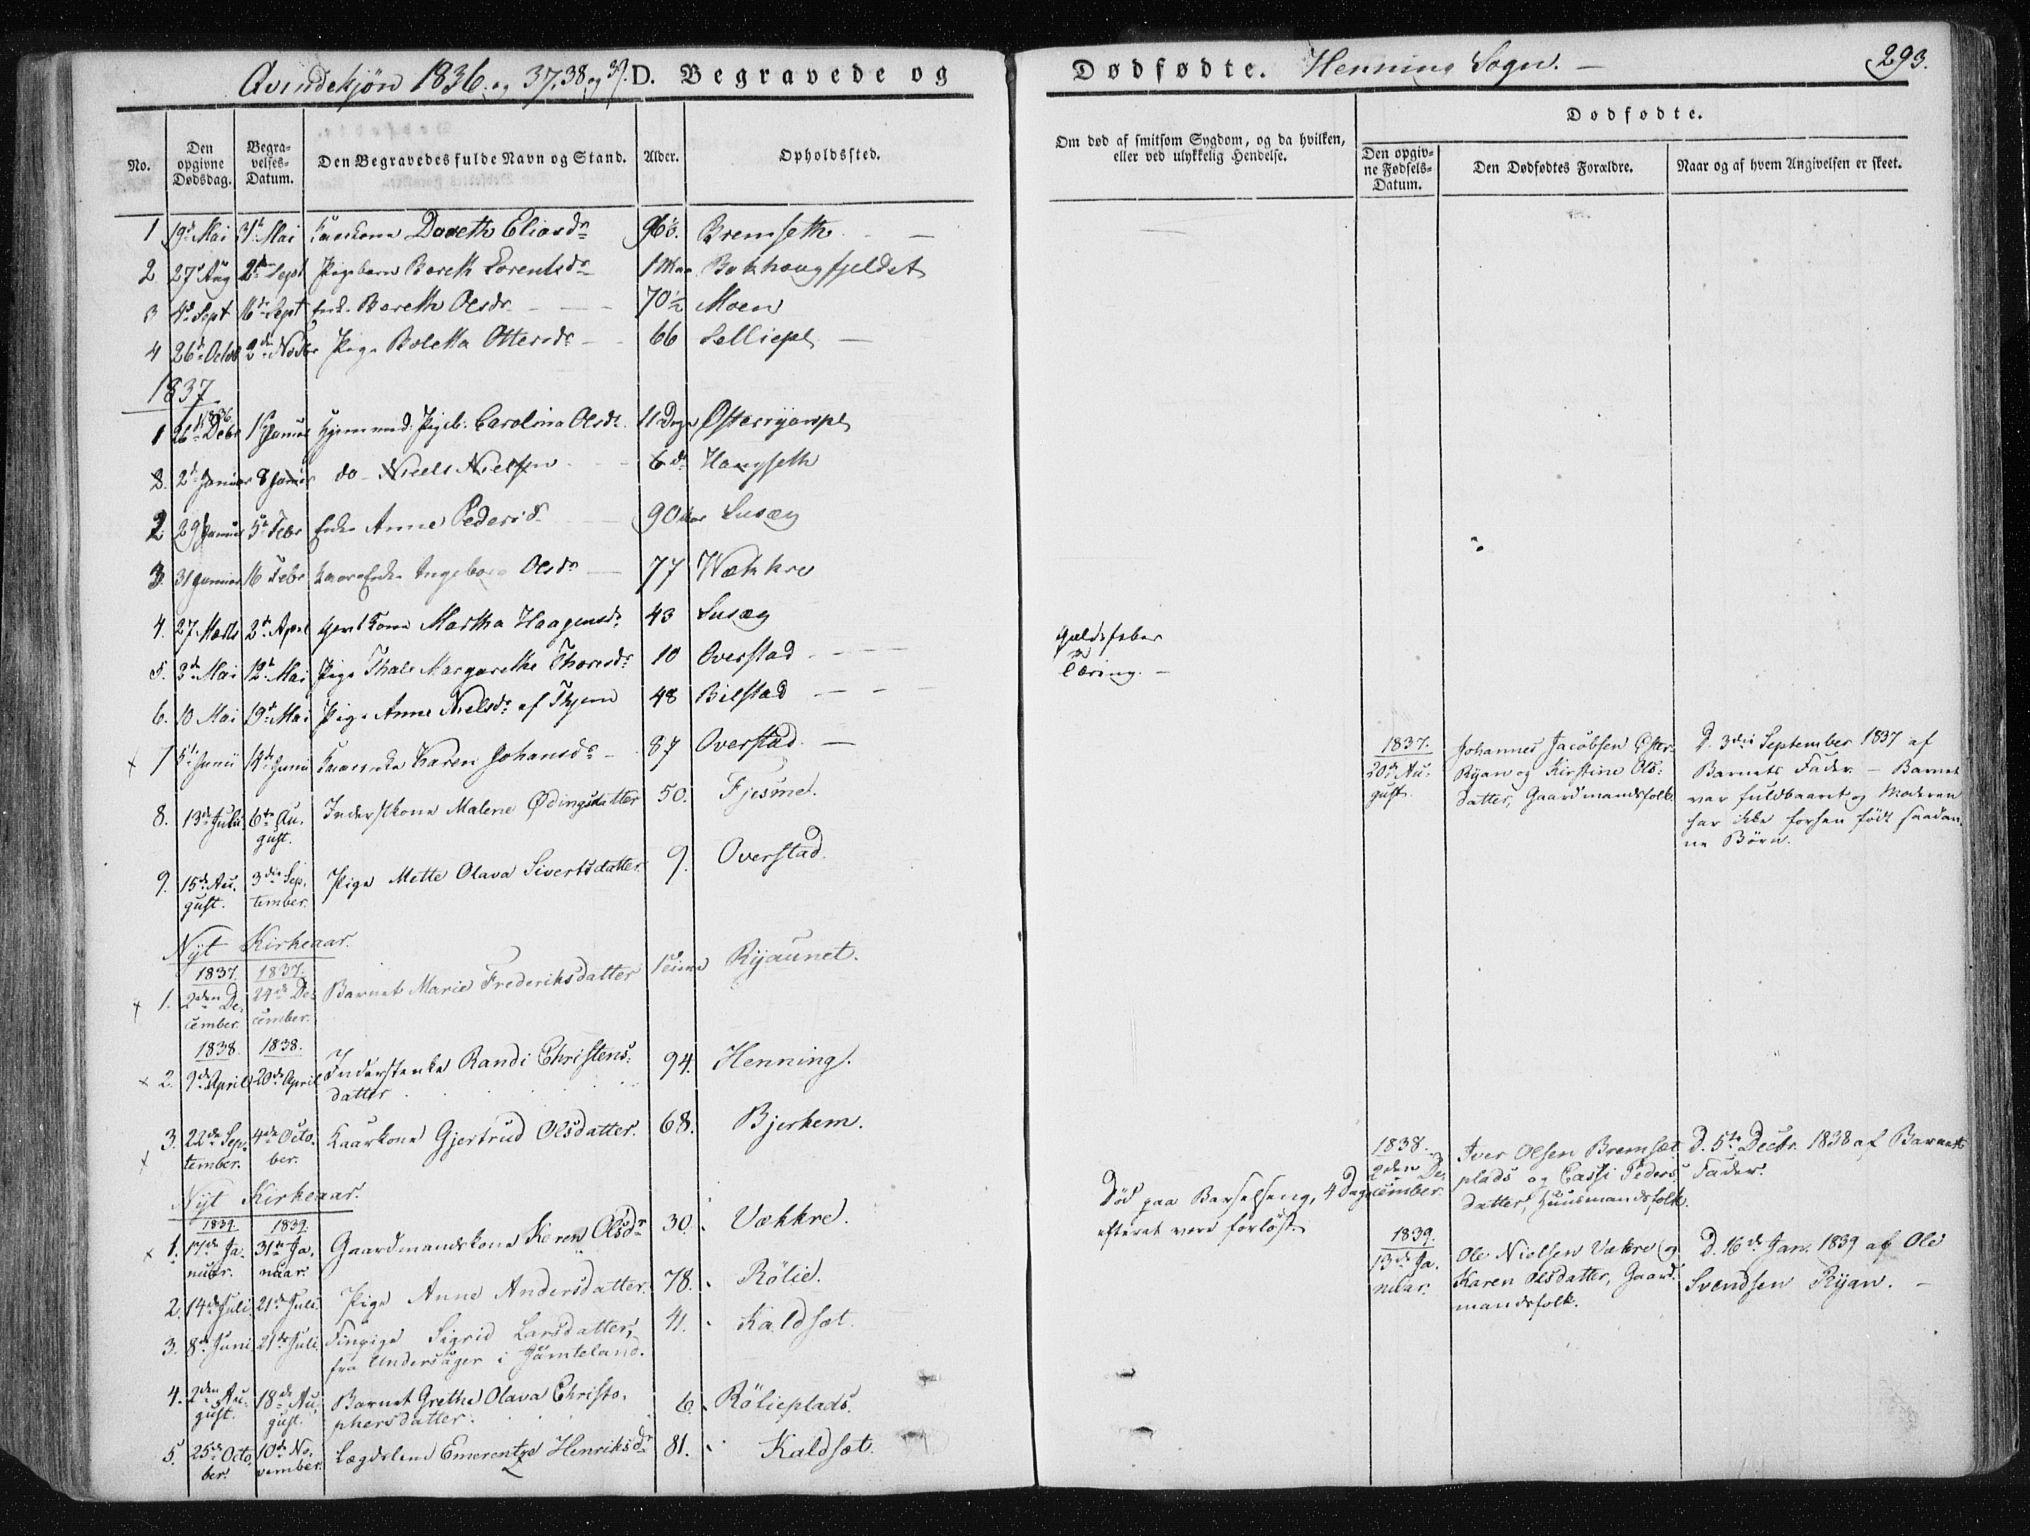 SAT, Ministerialprotokoller, klokkerbøker og fødselsregistre - Nord-Trøndelag, 735/L0339: Ministerialbok nr. 735A06 /3, 1836-1848, s. 293